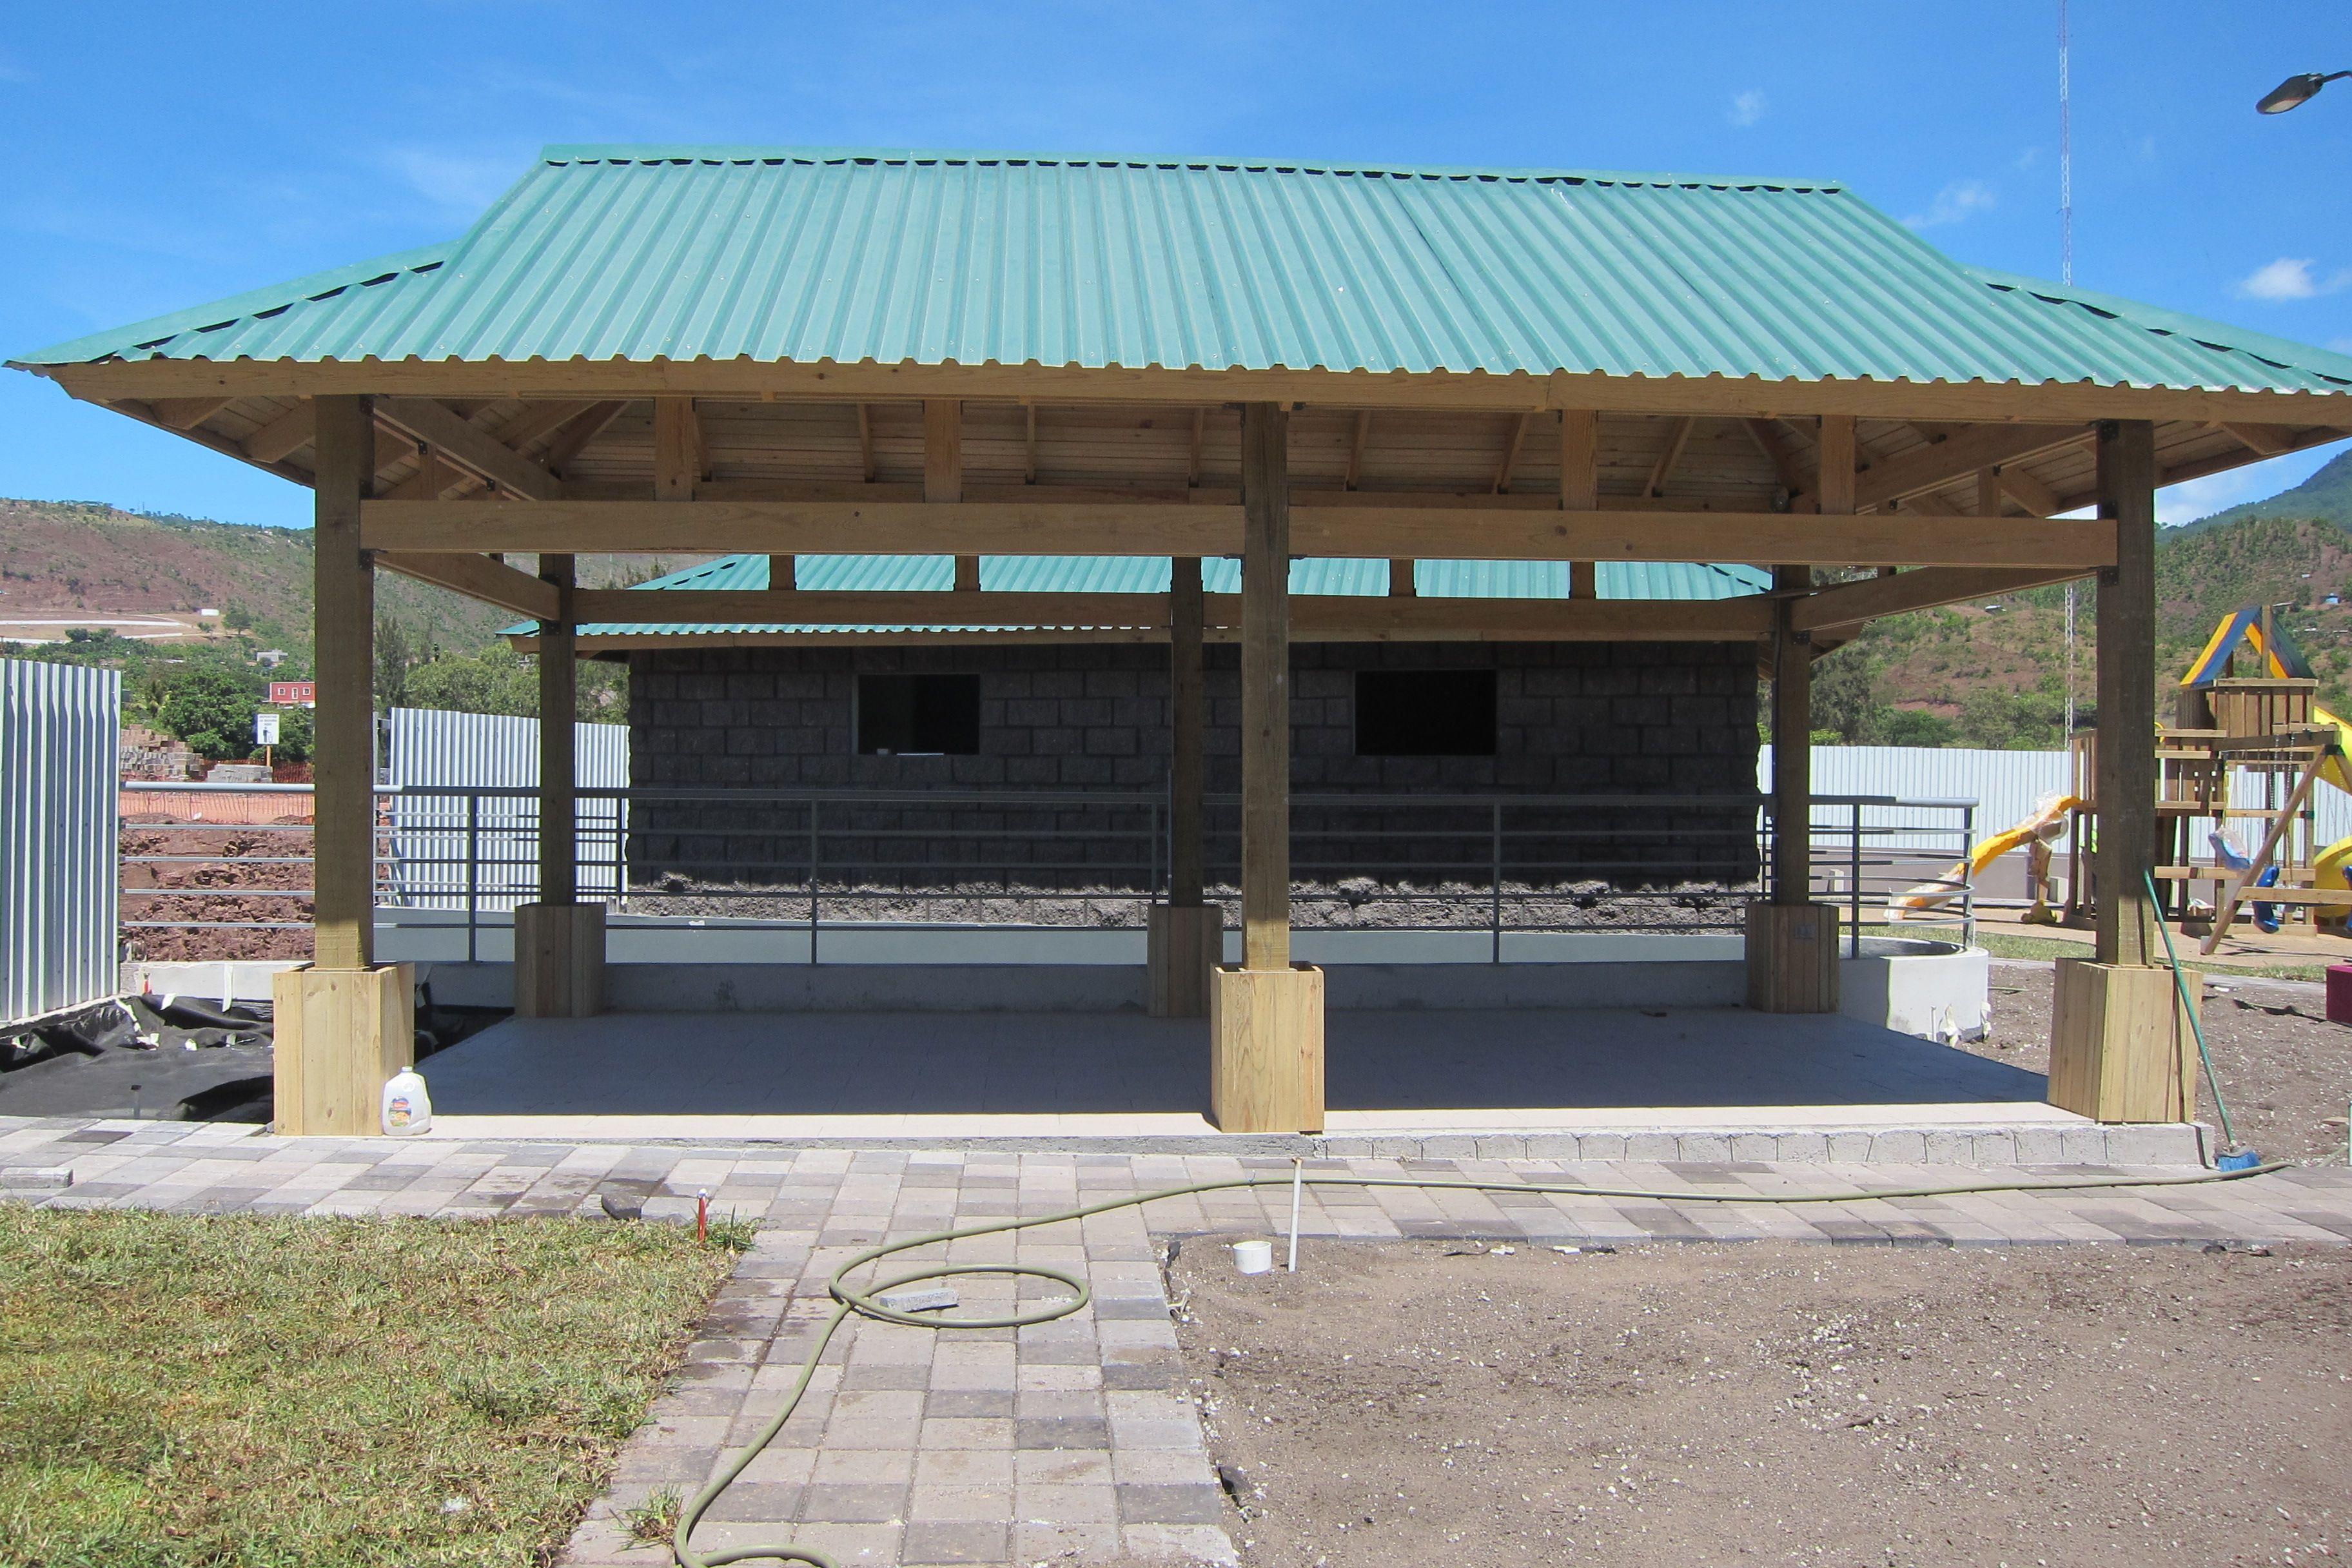 Avances constructivos del rea social kiosco estructura - Postes de madera ...